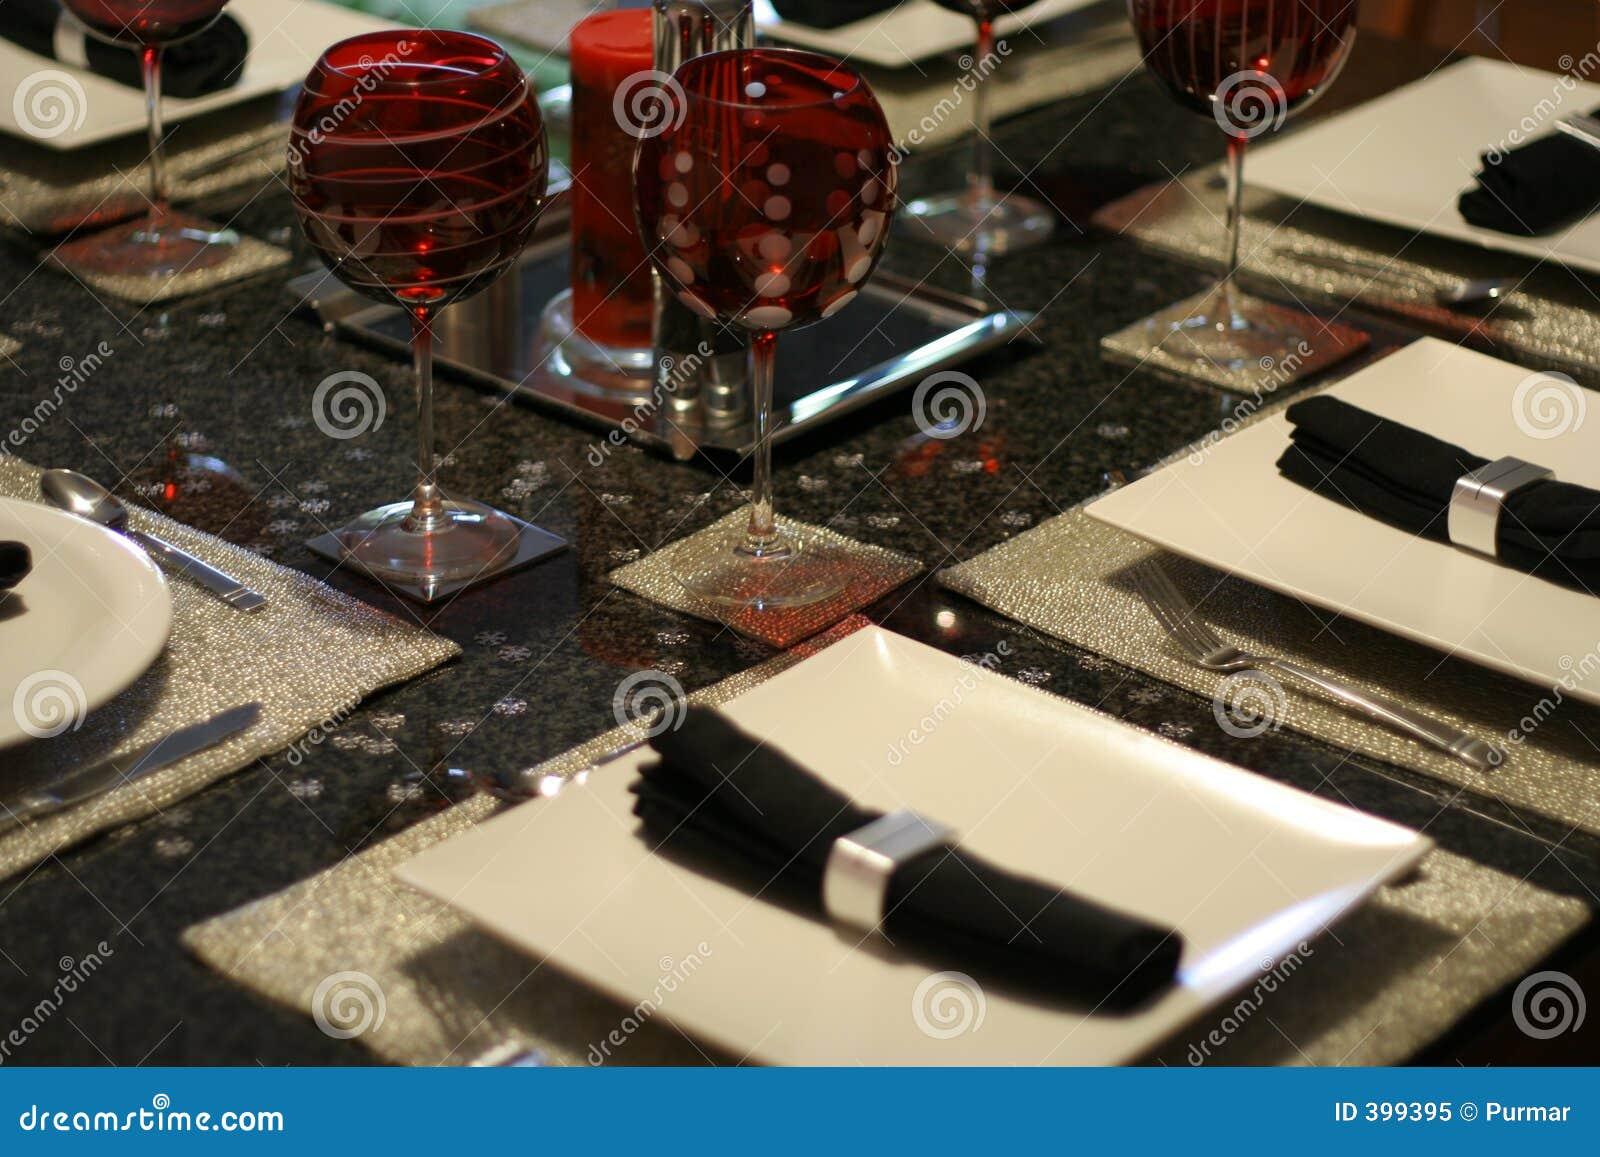 Σύγχρονο επιτραπέζιο σκεύος 3